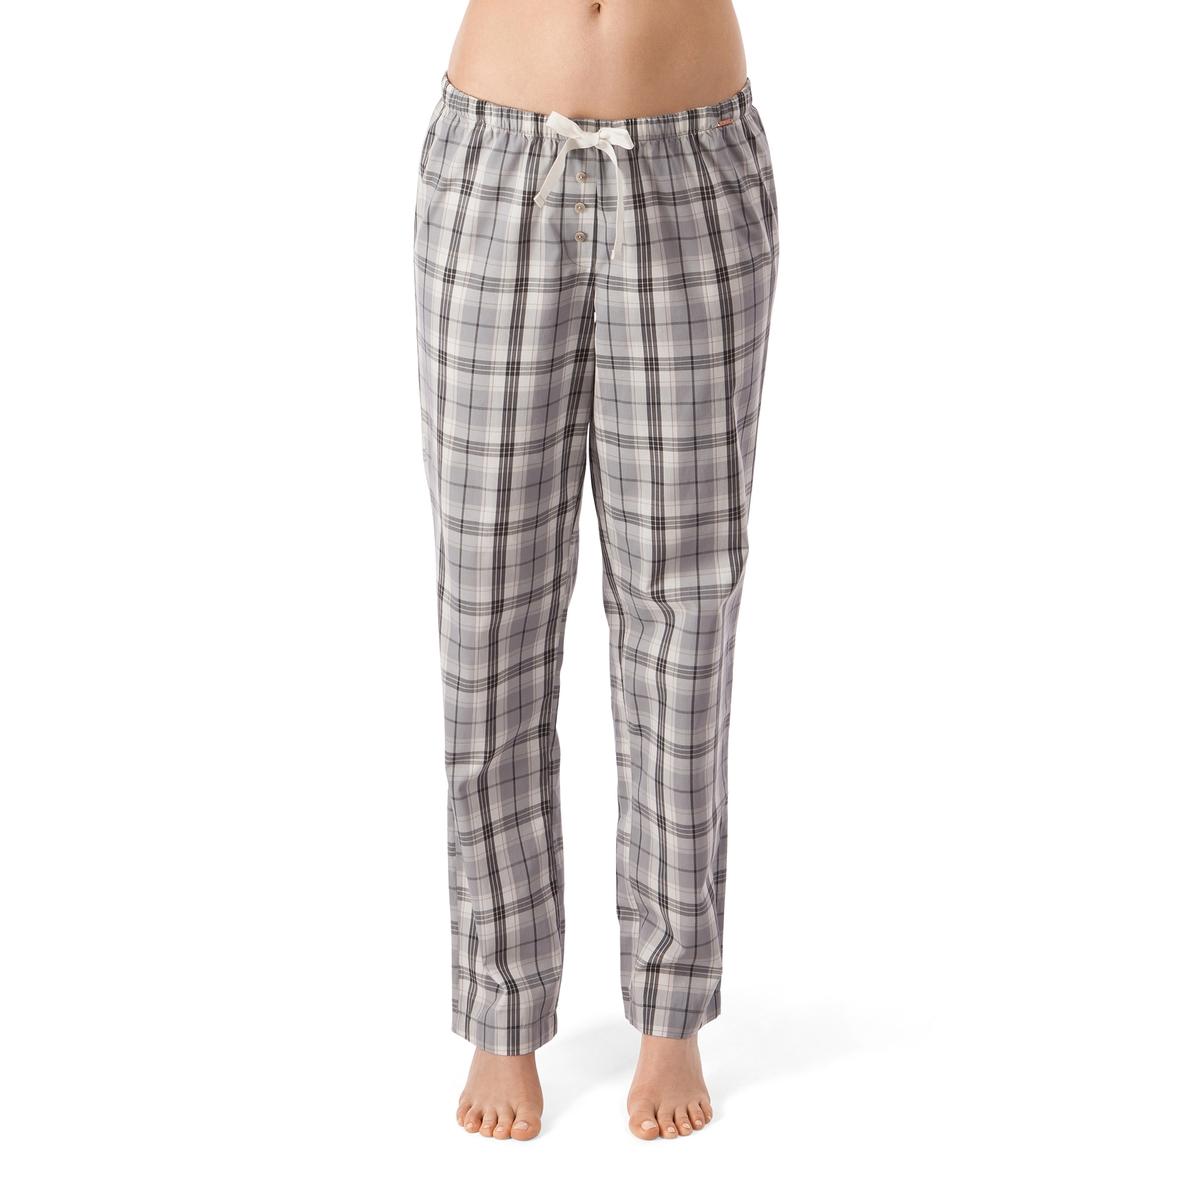 Брюки пижамные из хлопка, Sleep DreamБрюки пижамные  Sleep Dream от Skinny . Пижамные брюки прямого, очень удобного покроя с рисунком в клетку. Застежка на болты. Эластичный пояс с завязывающейся атласной лентой.Состав и детали :Материал : 100% хлопка Подкладка : -   Марка : SKINNYУход :Машинная стирка при 30°.Машинная сушка запрещена.Не гладить.<br><br>Цвет: в клетку серый/розовый